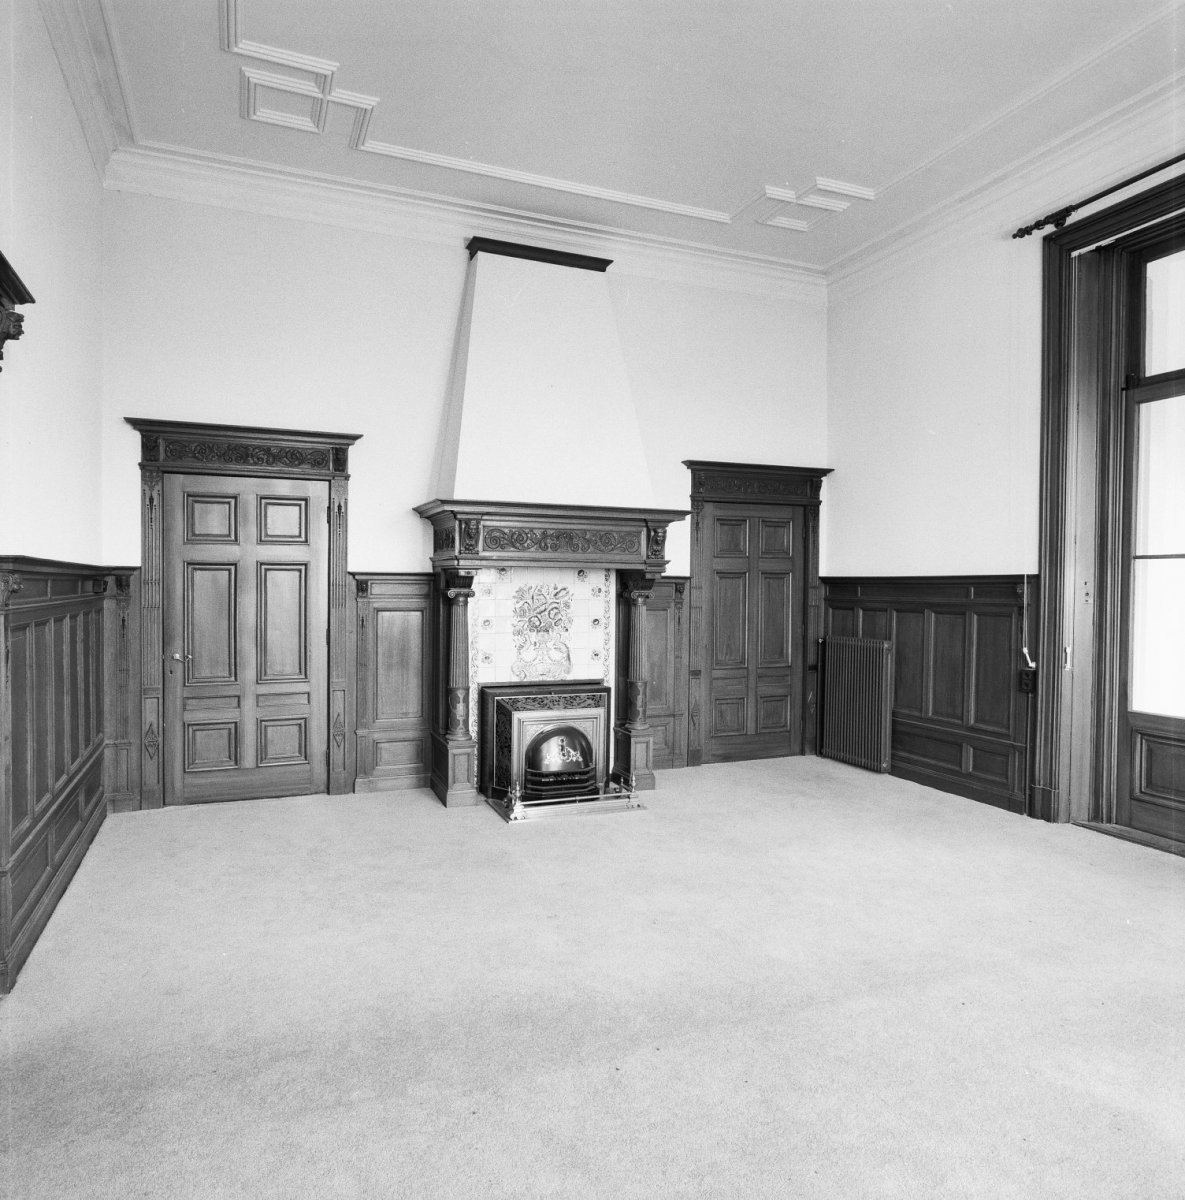 Bestand:Interieur, de oud Hollandse kamer met schouw - Zeist ...